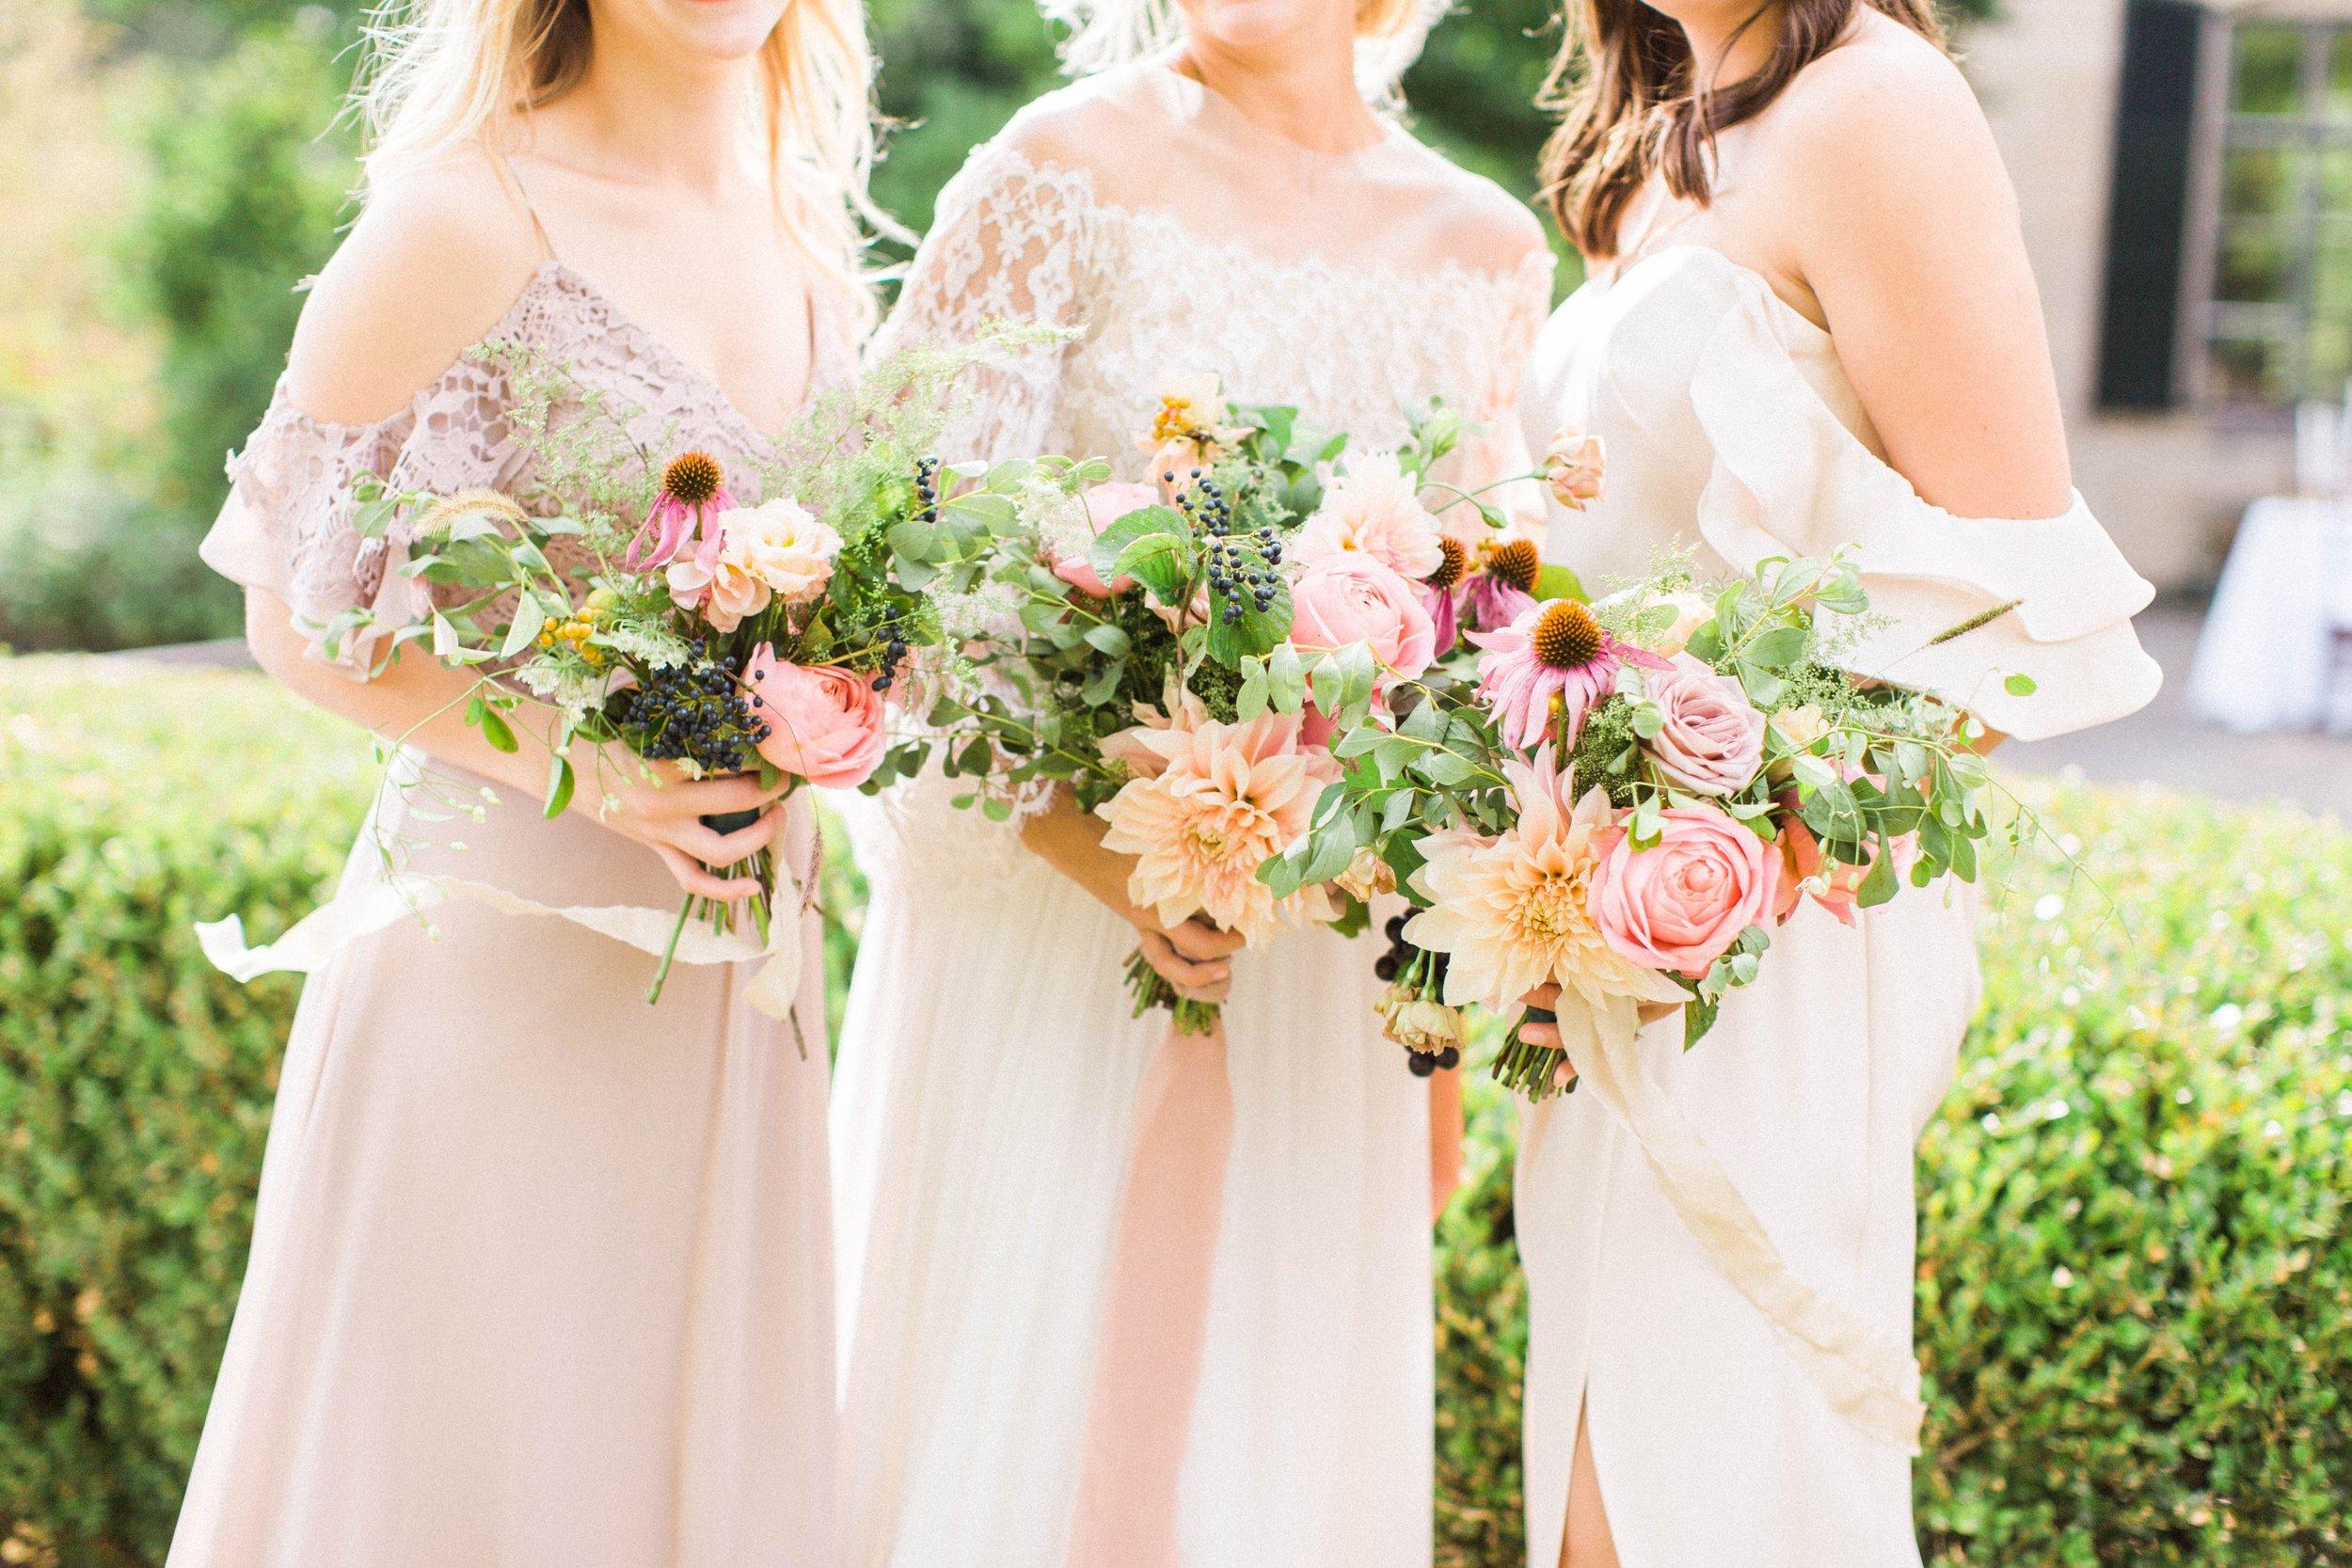 The Styled Wedding Shoot | September 2017